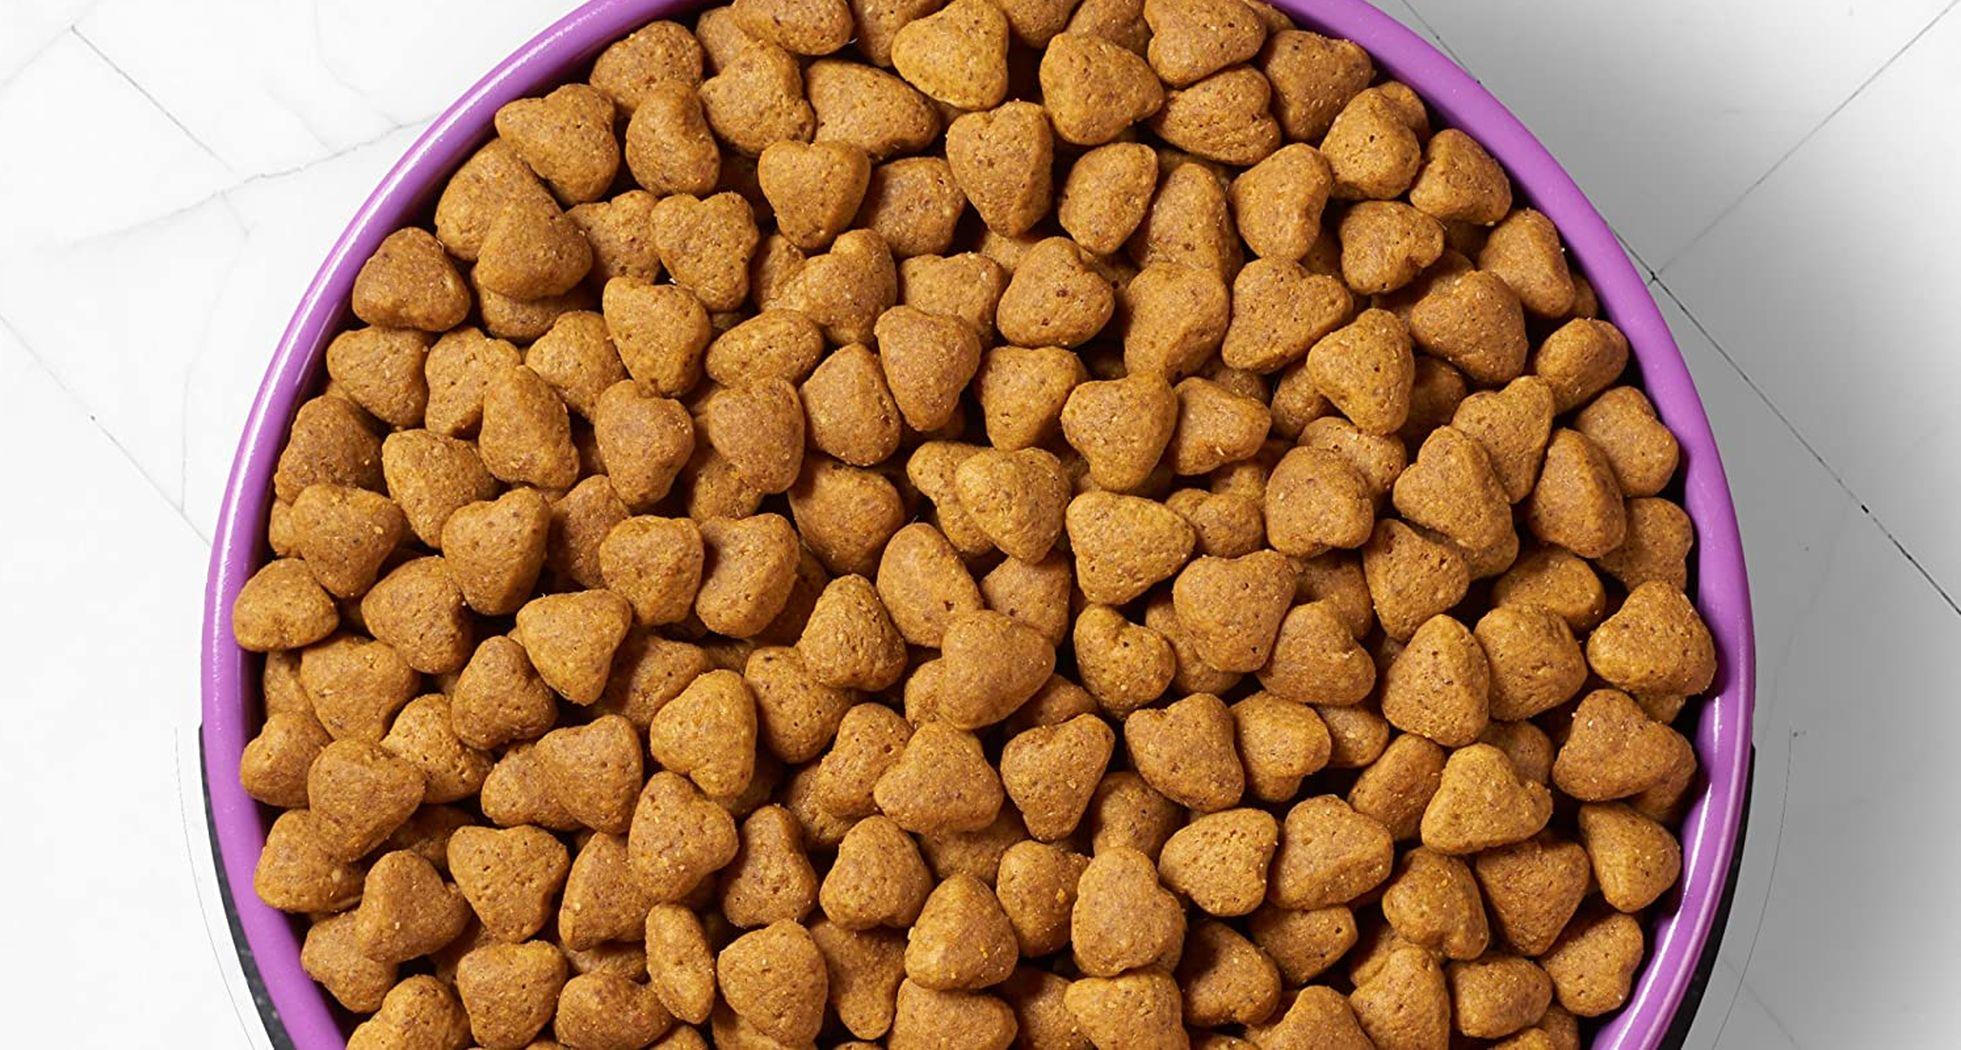 comida sin guisantes ni legumbres para perros